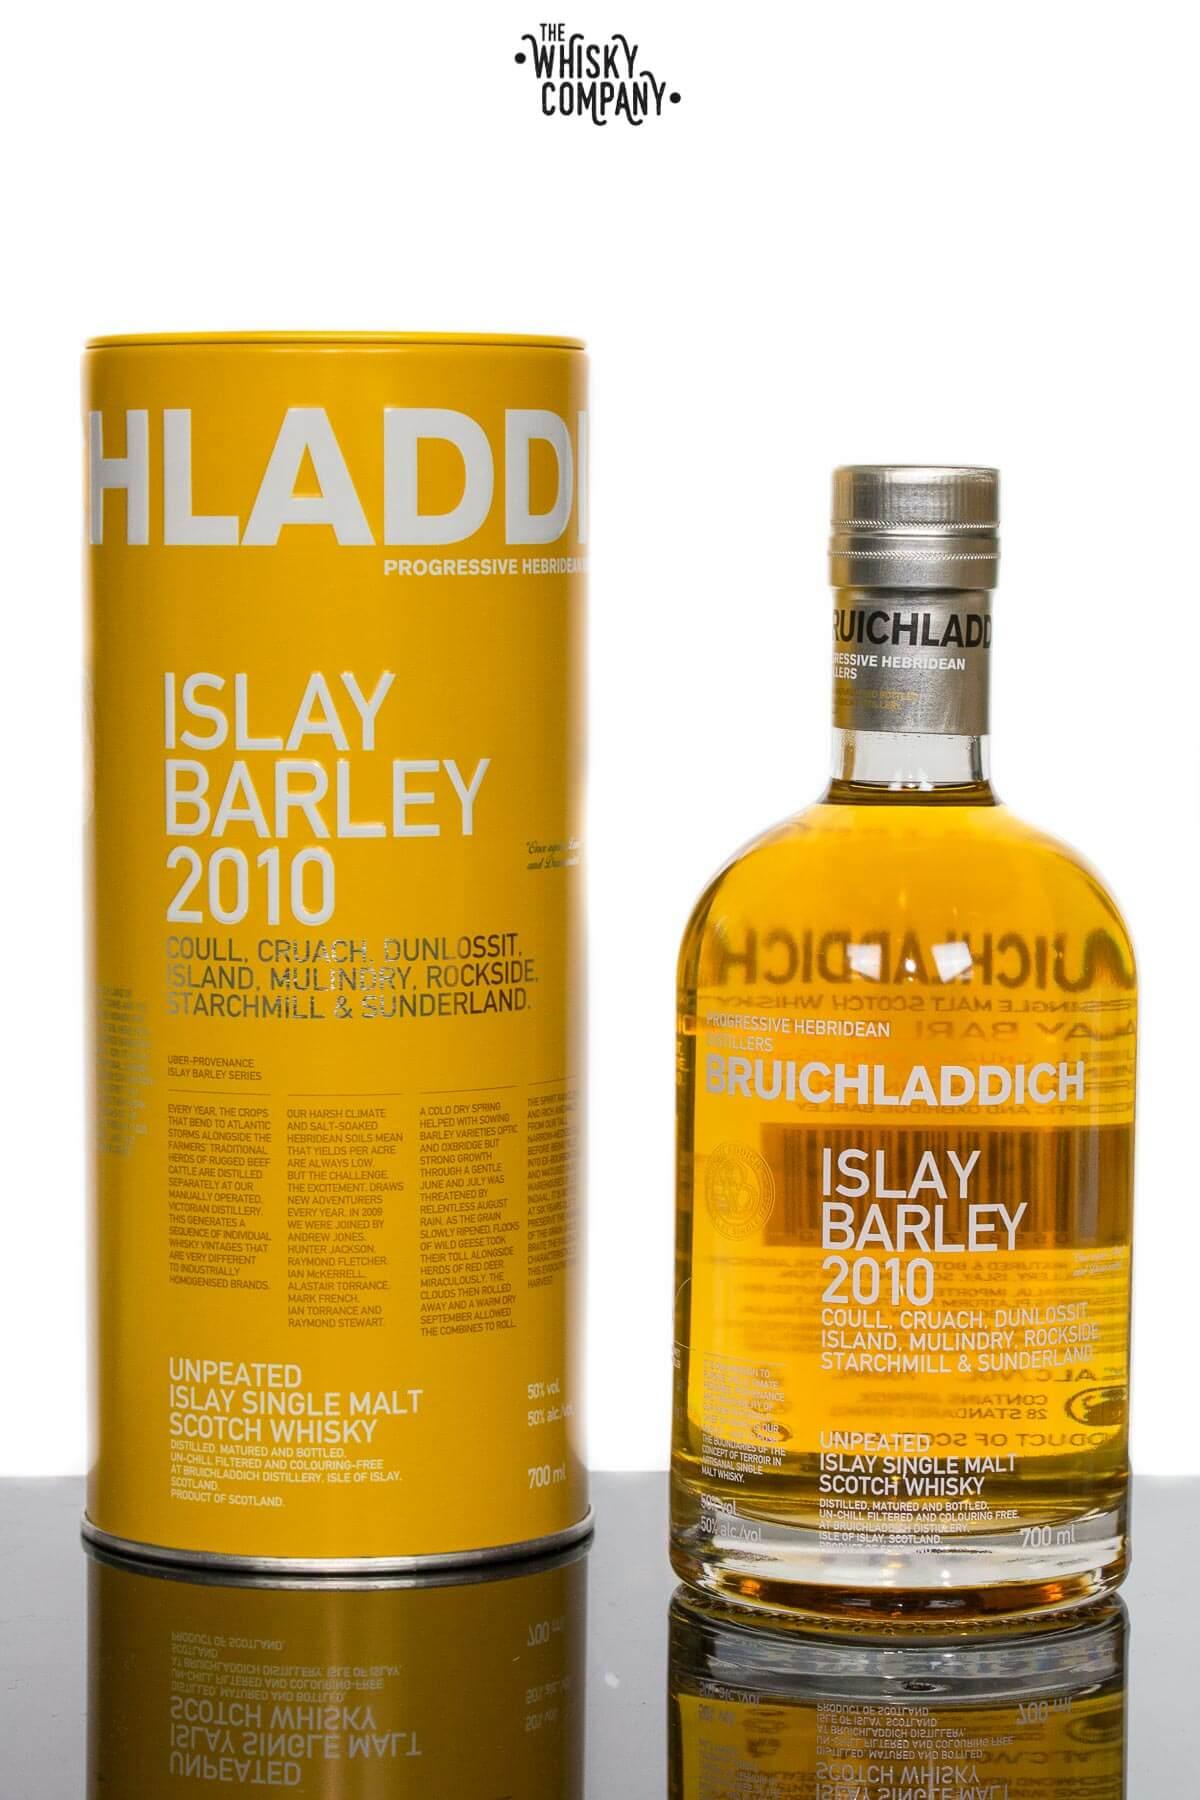 Bruichladdich 2010 Islay Barley Single Malt Scotch Whisky (700ml)